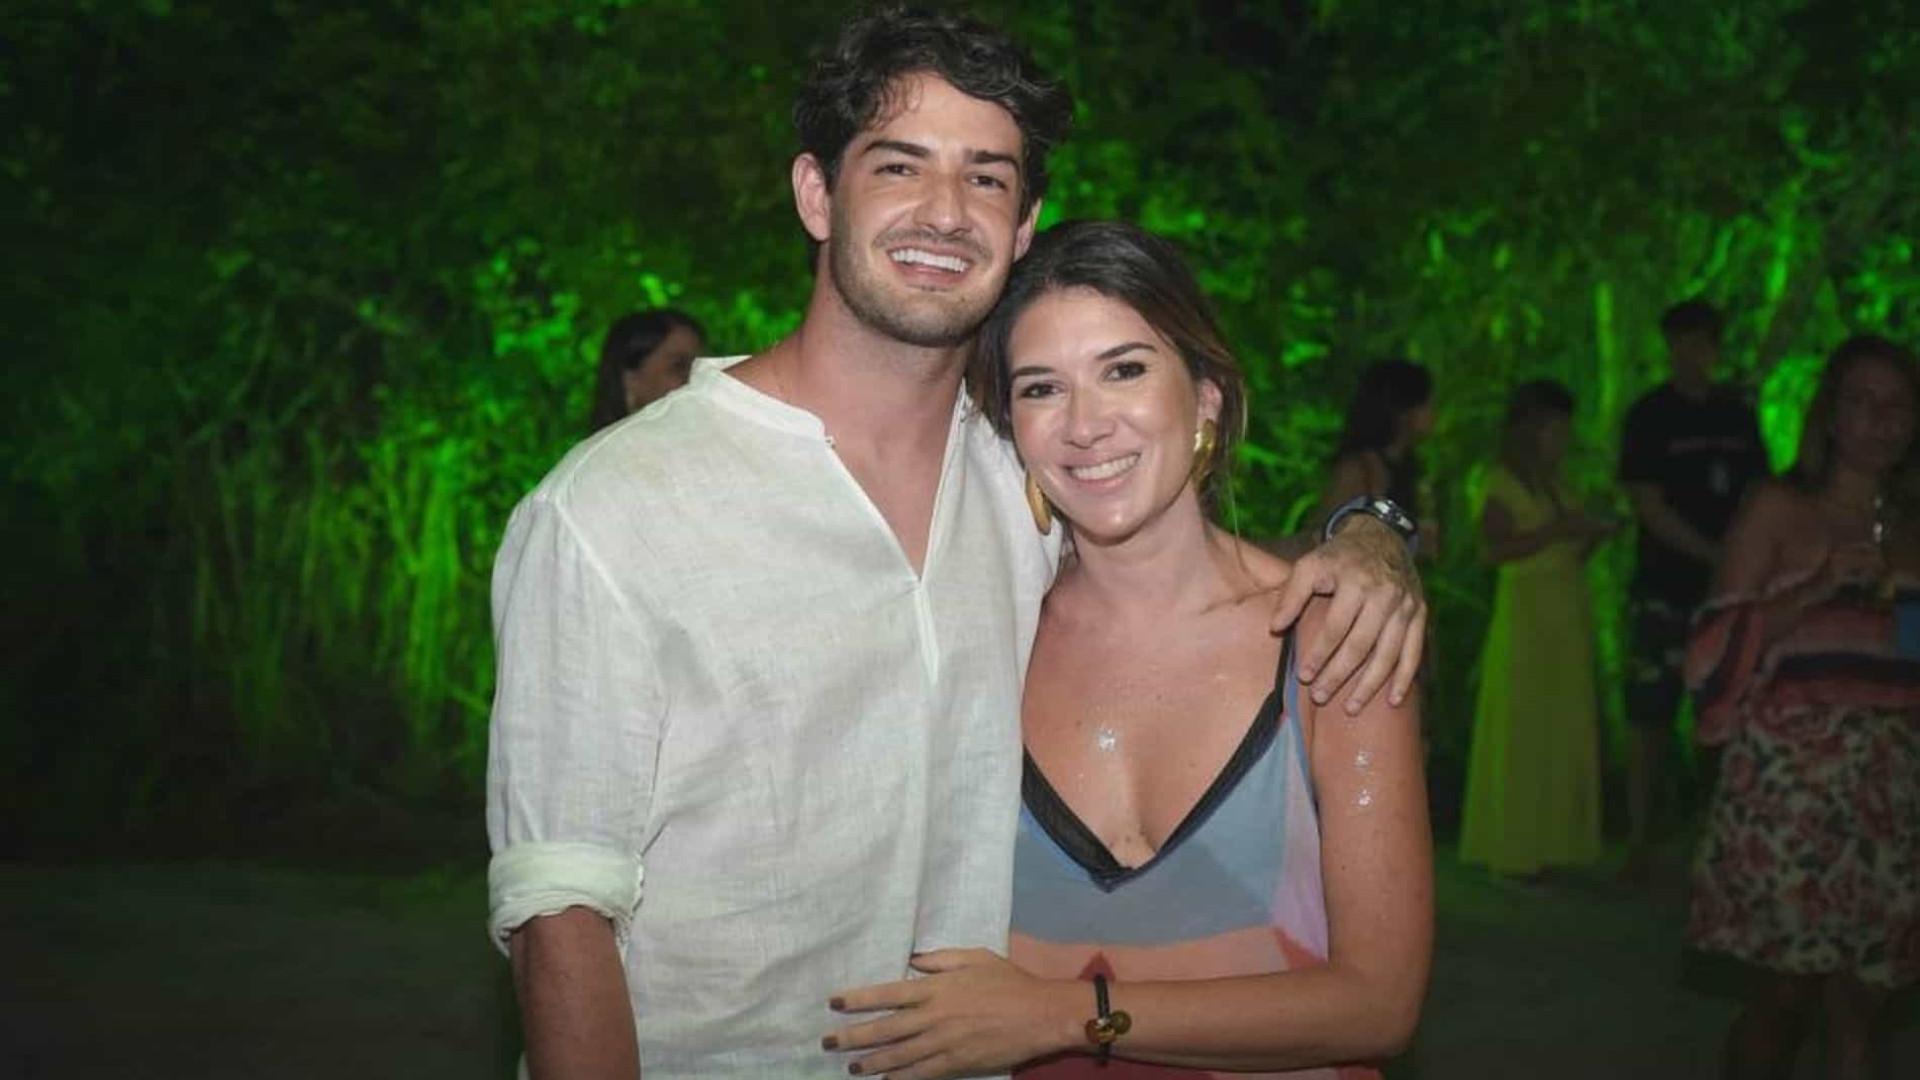 Pato e Rebeca Abravanel se casam em segredo com cerimônia fechada